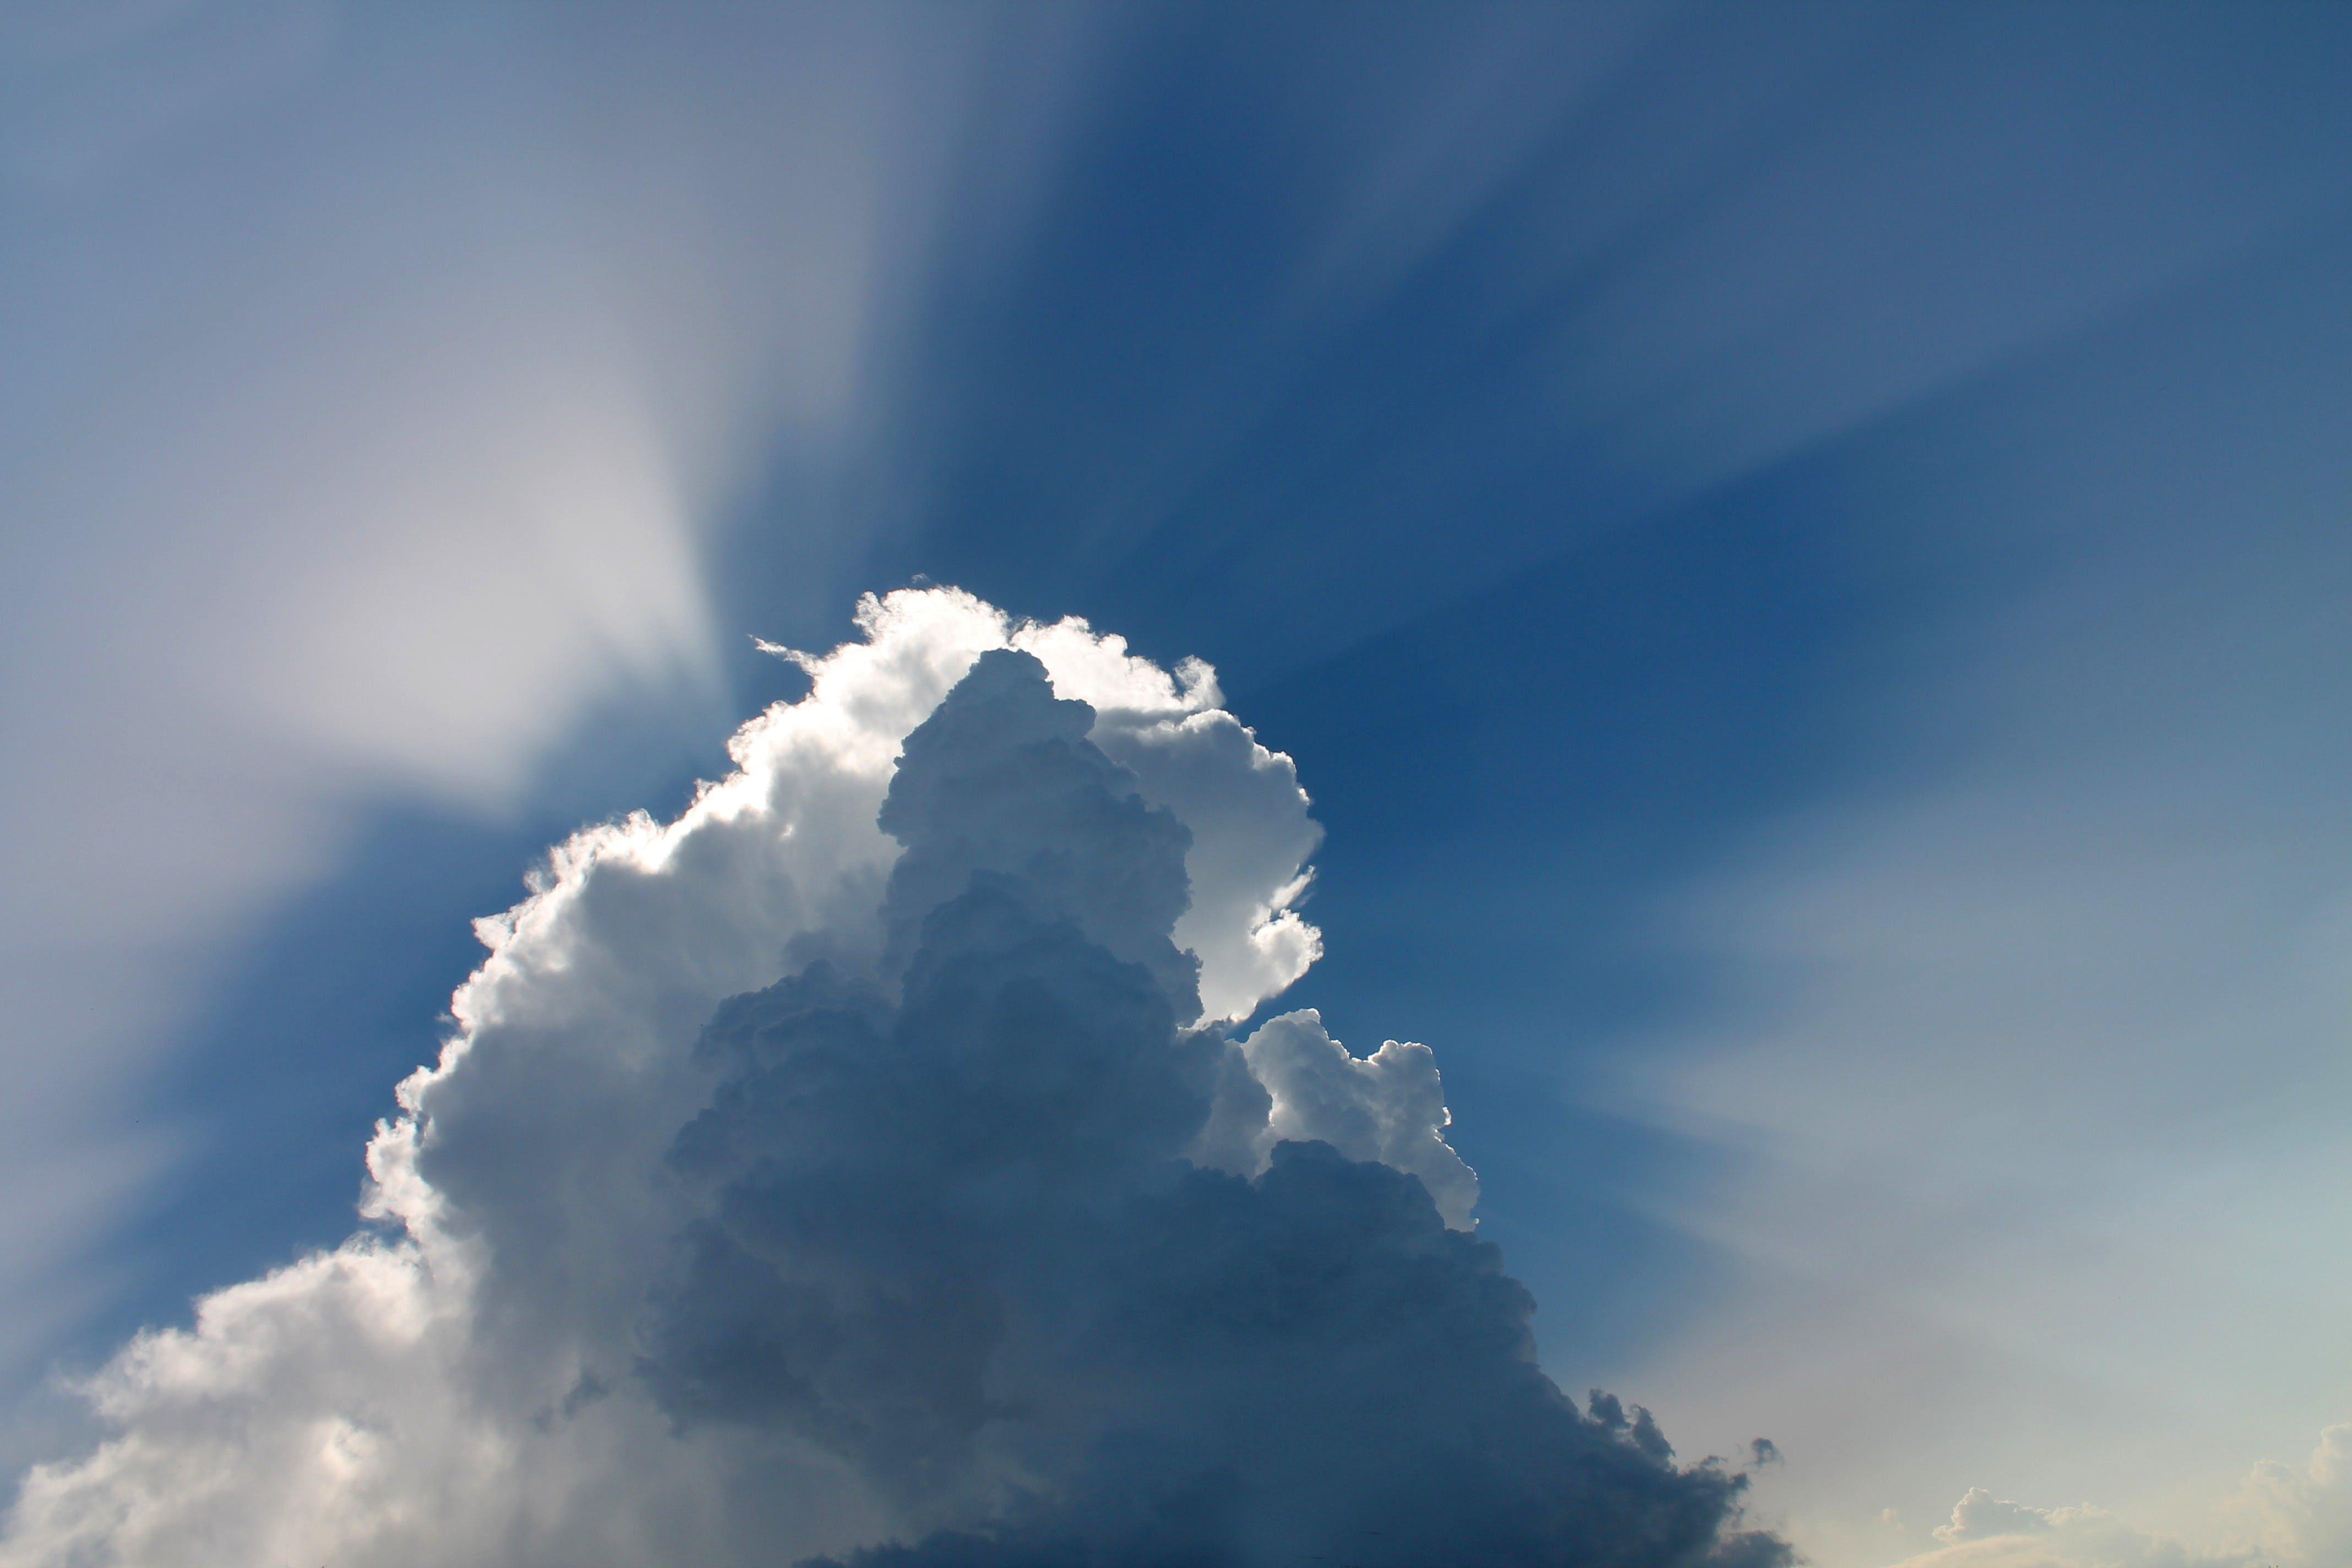 bewölkt, blauer himmel, himmel